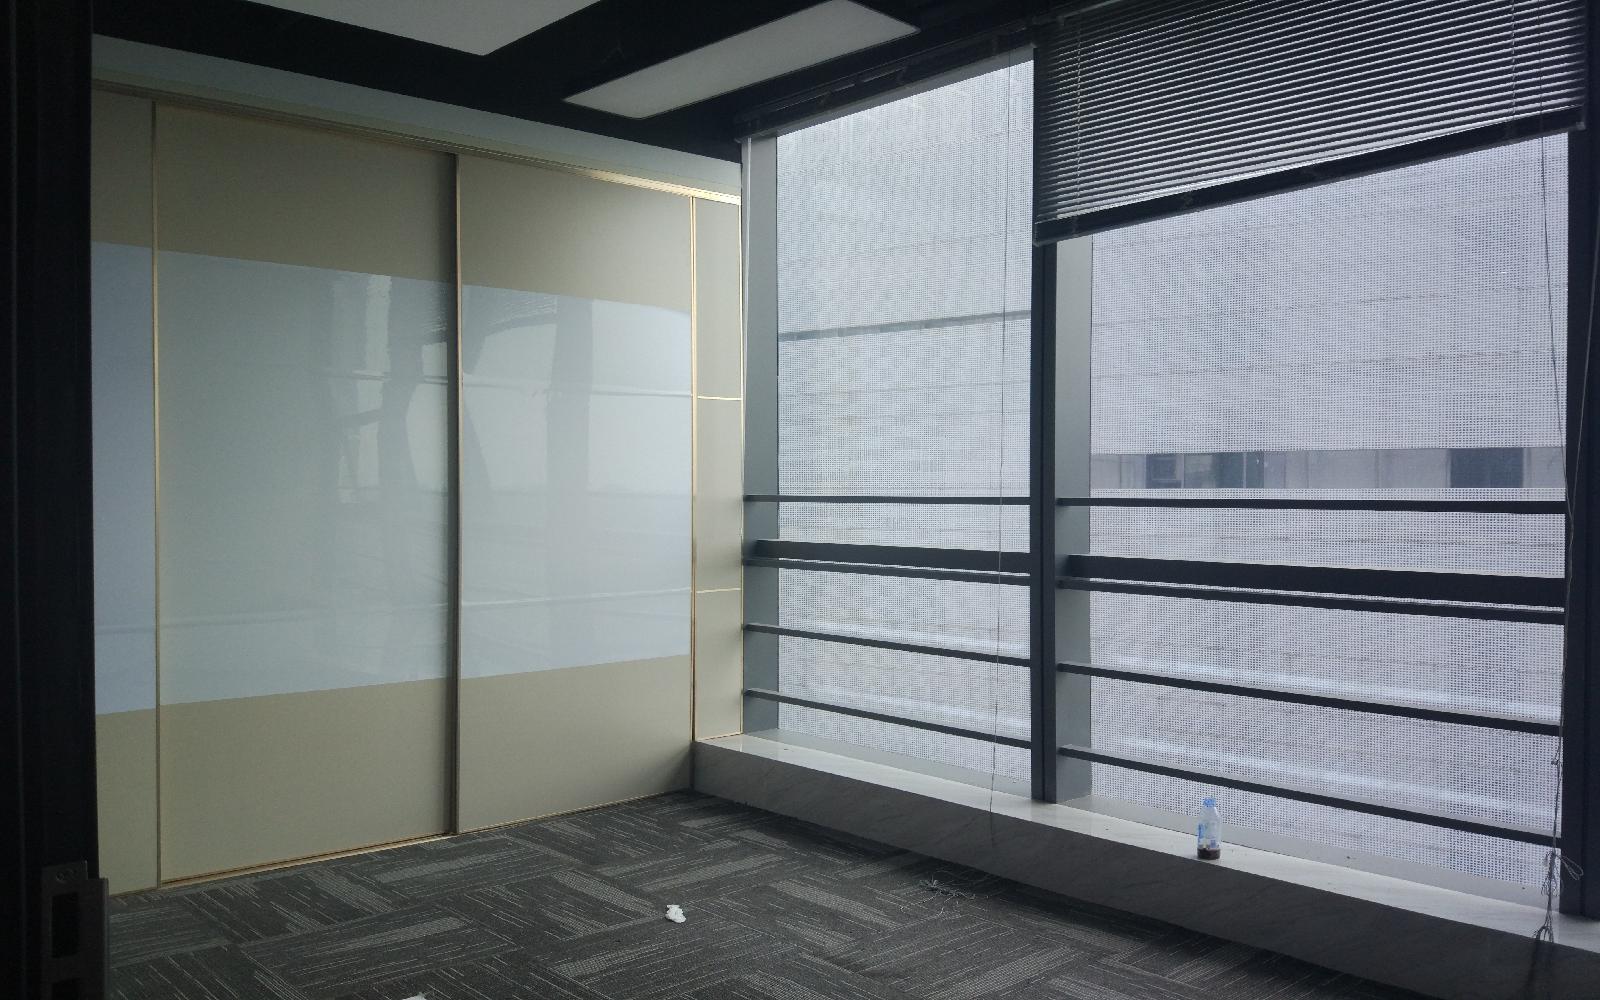 南山-科技园 粤美特大厦 248m²